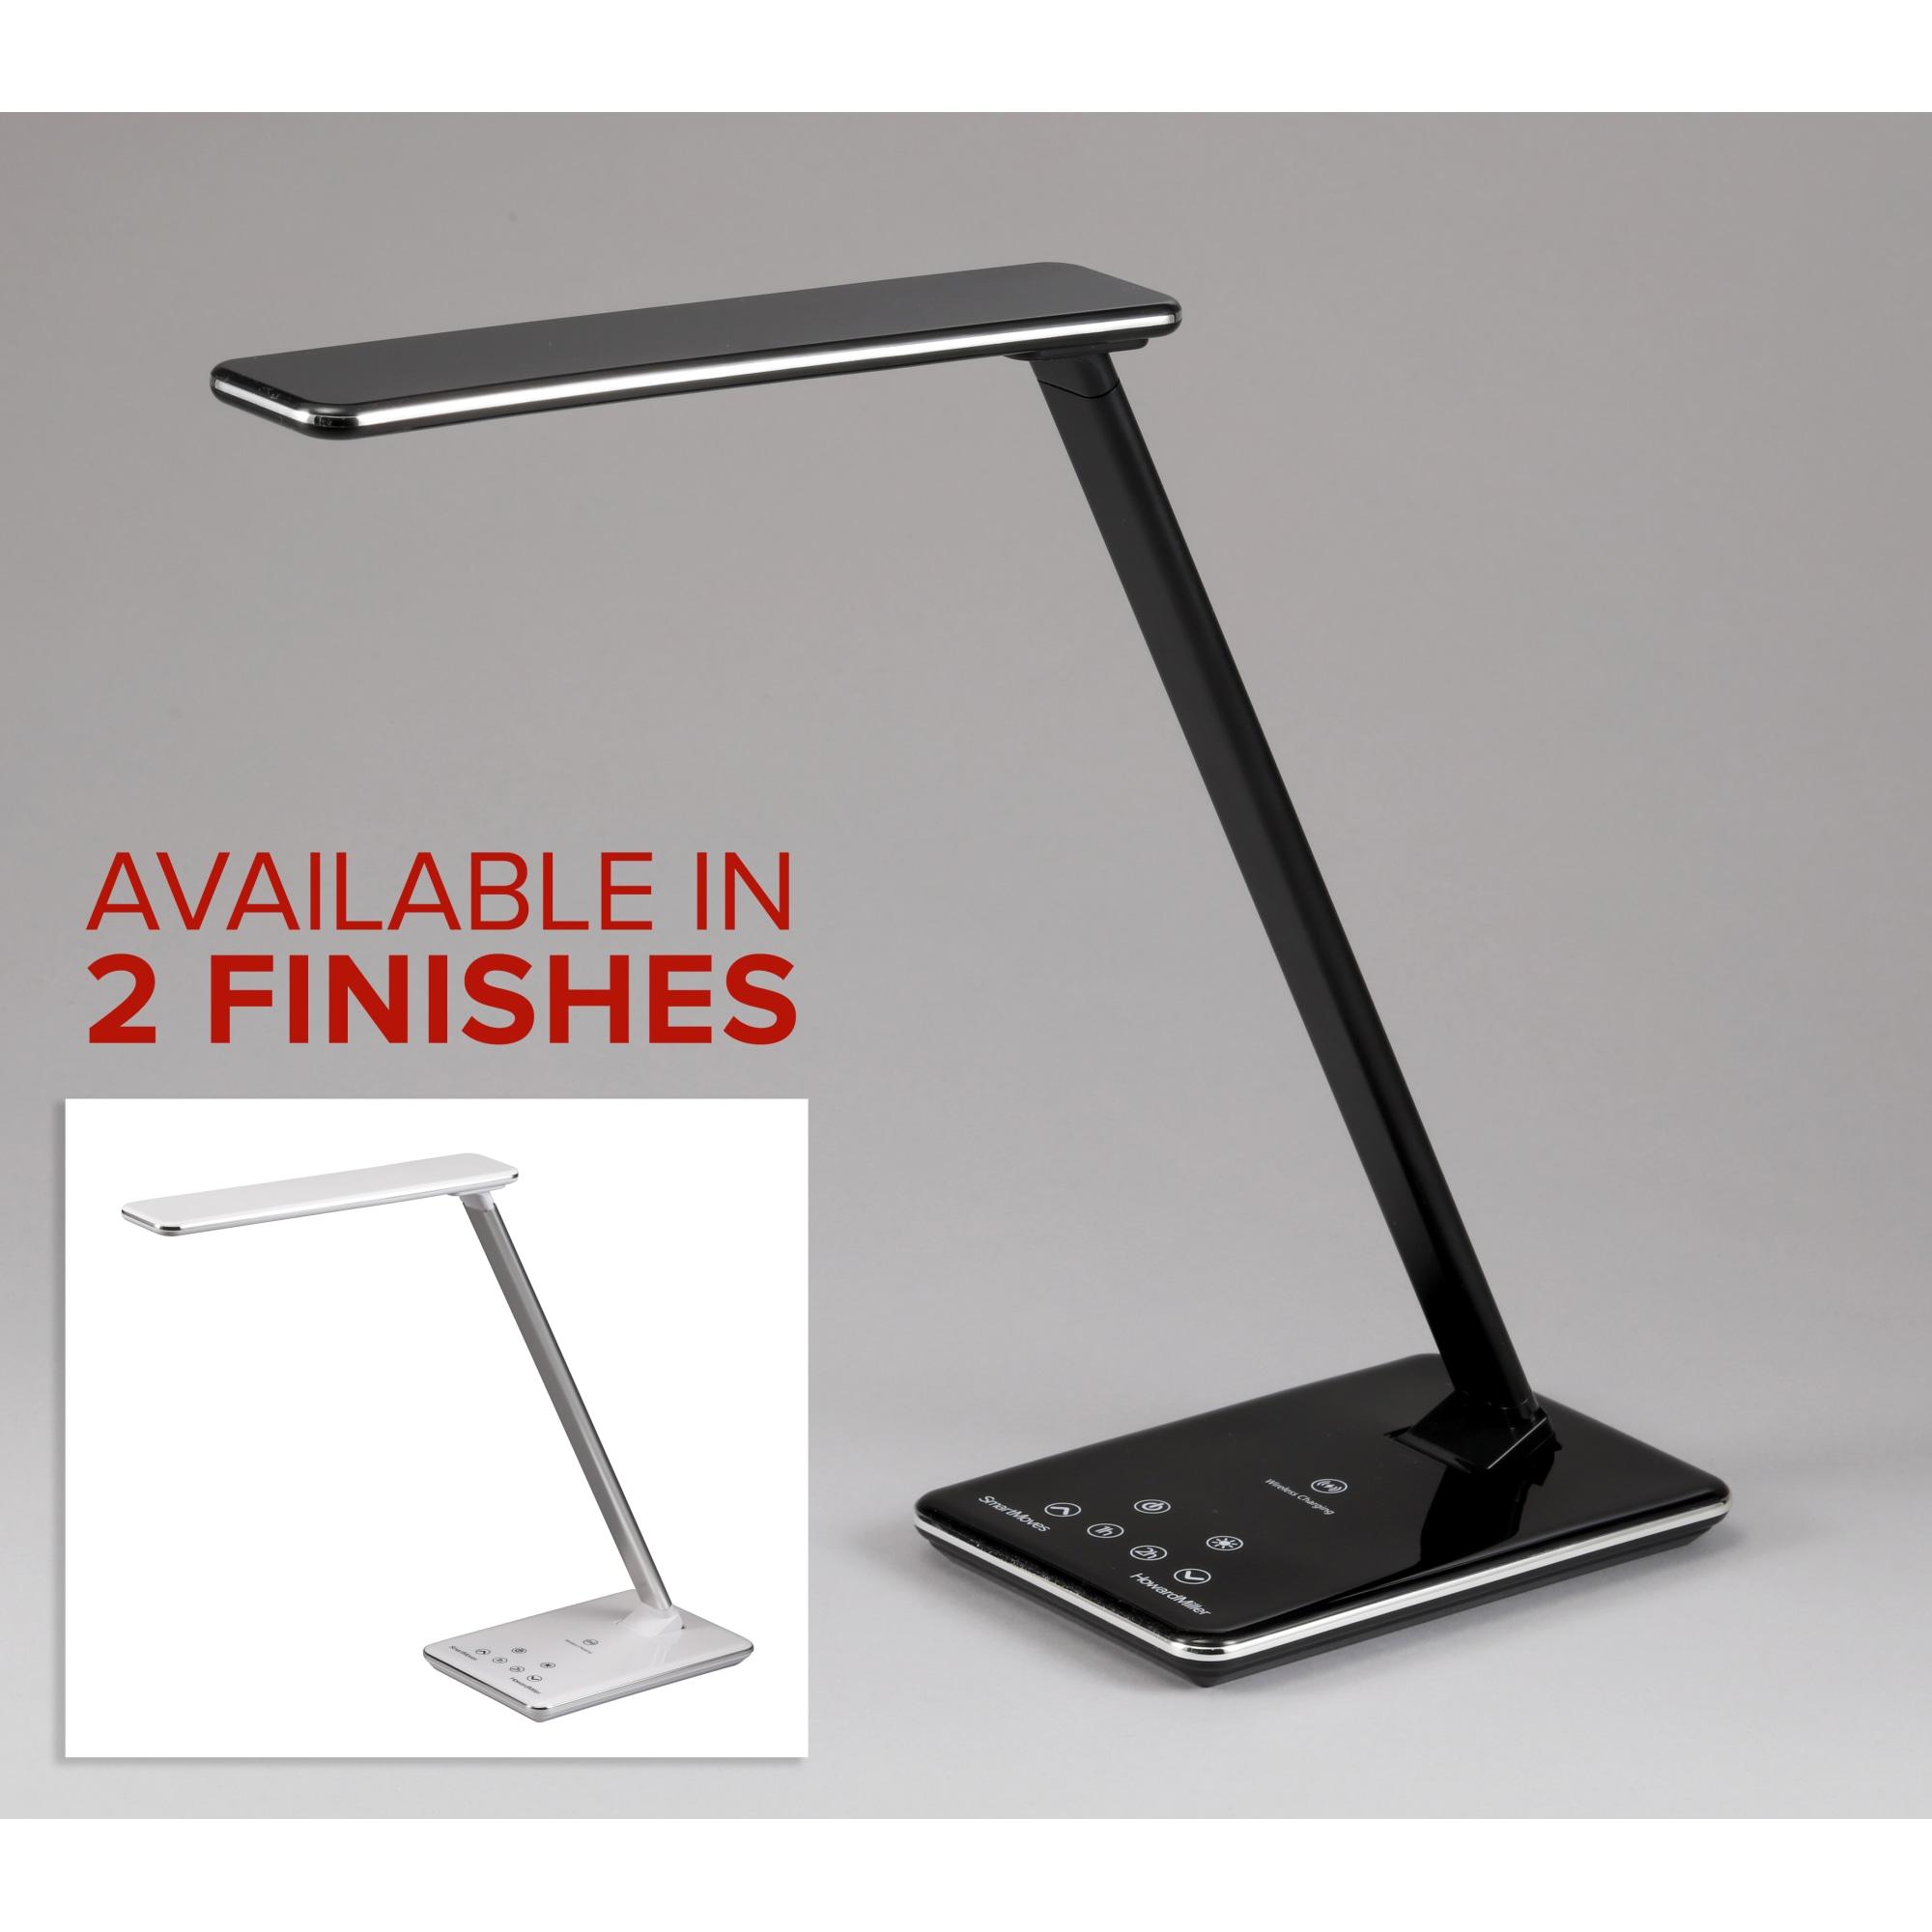 Image for SmartMoves® LED Desk Lamp 9910LAMP from Howard Miller Official Website